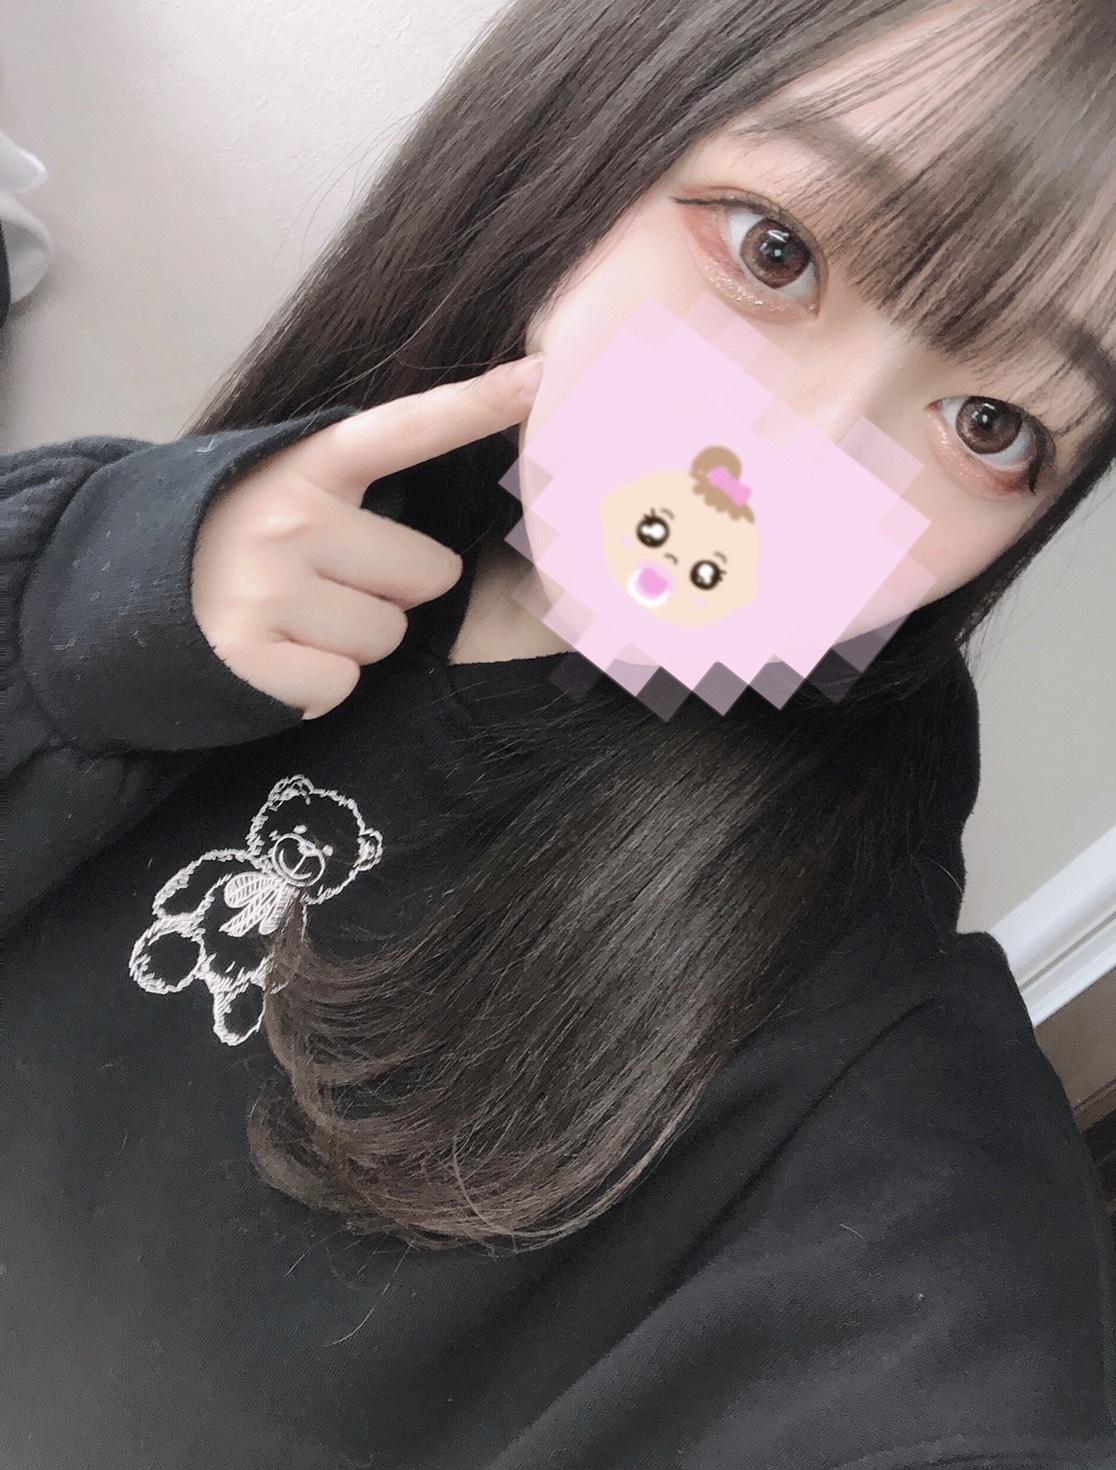 【JKリフレ東京】滝沢ゆい JK上がりたて18歳